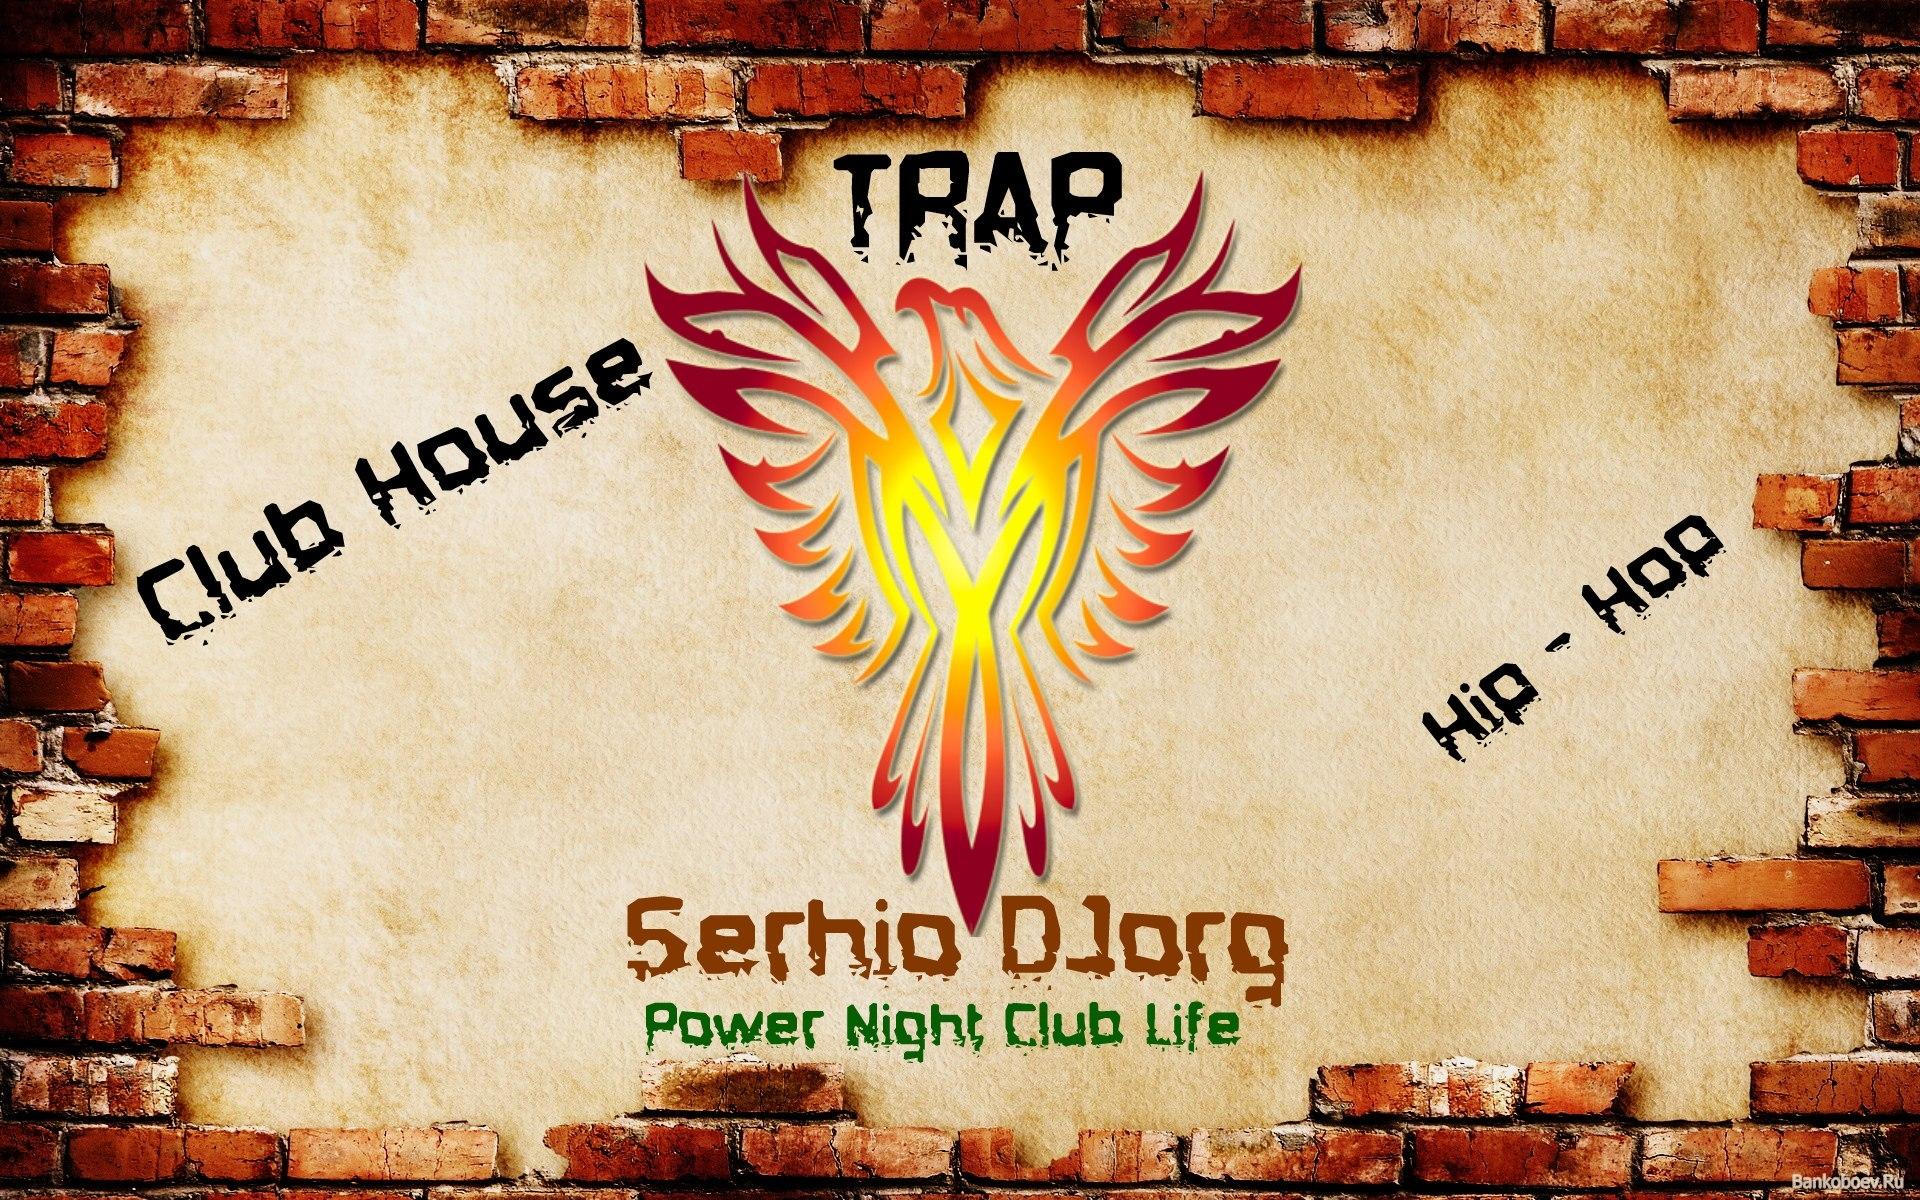 Serhio DJorg - Power Night Club Life (vol.25)